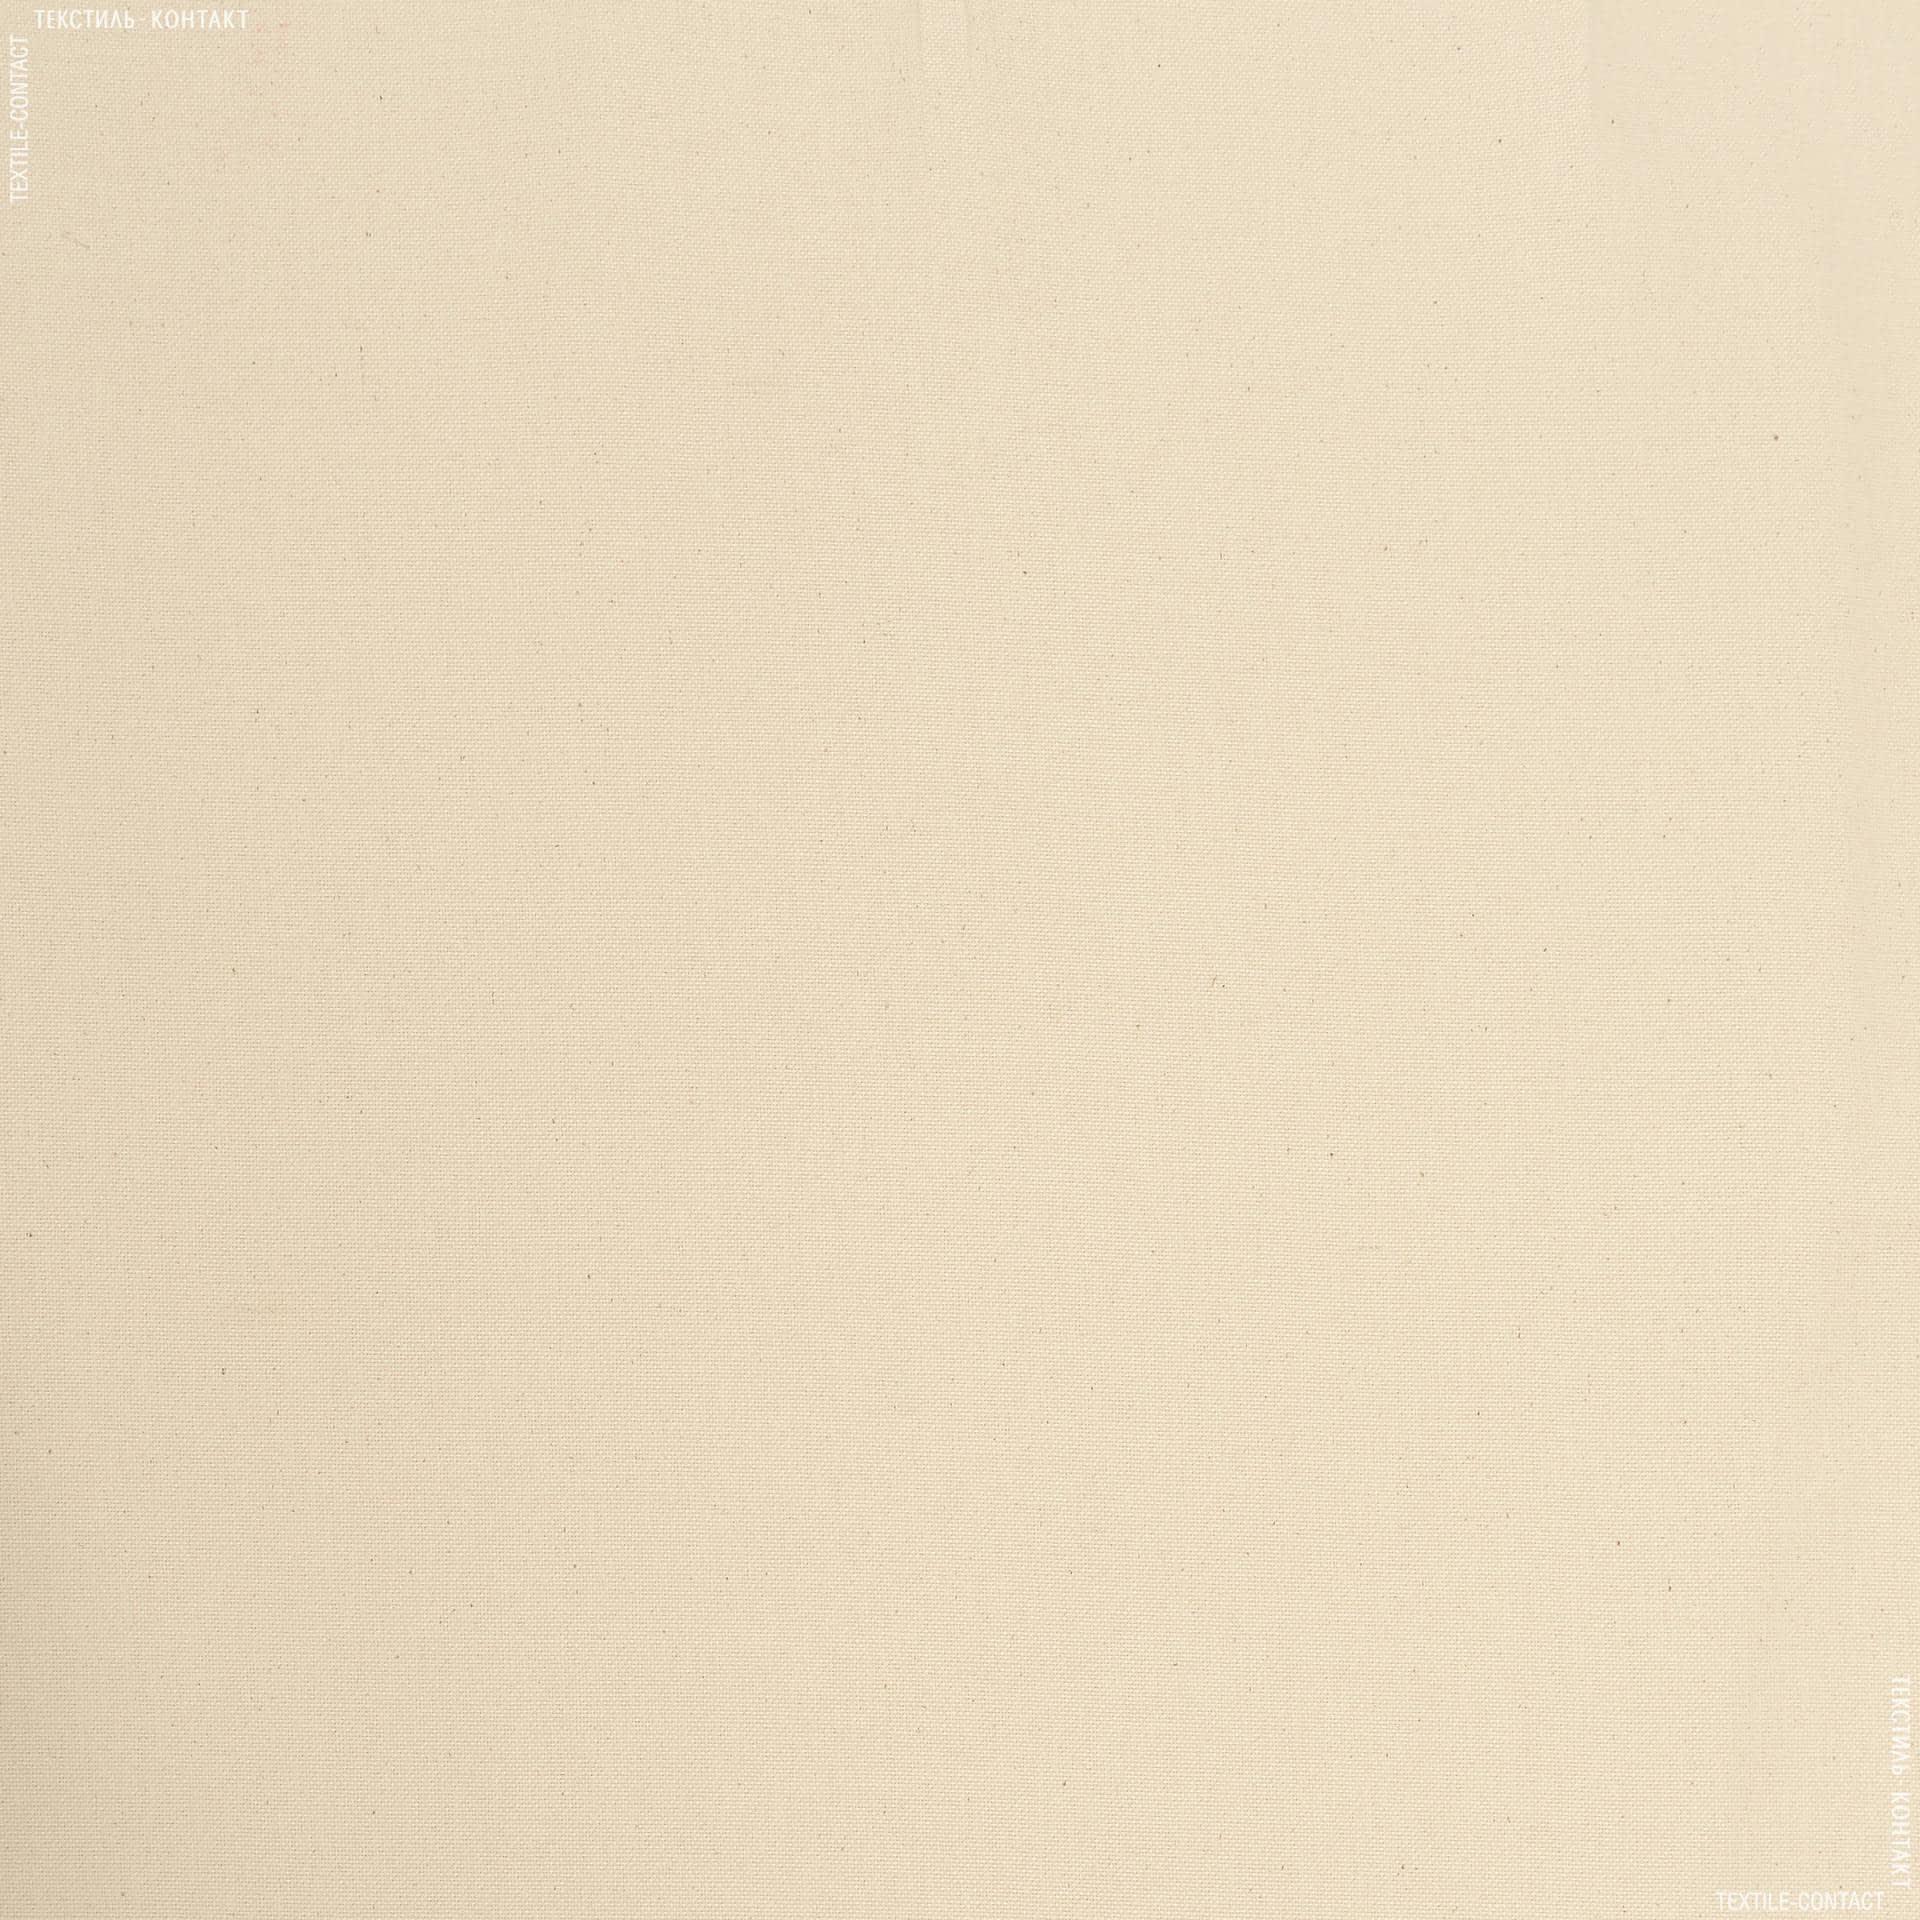 Ткани для спортивной одежды - Двунитка аппретированная пл.240